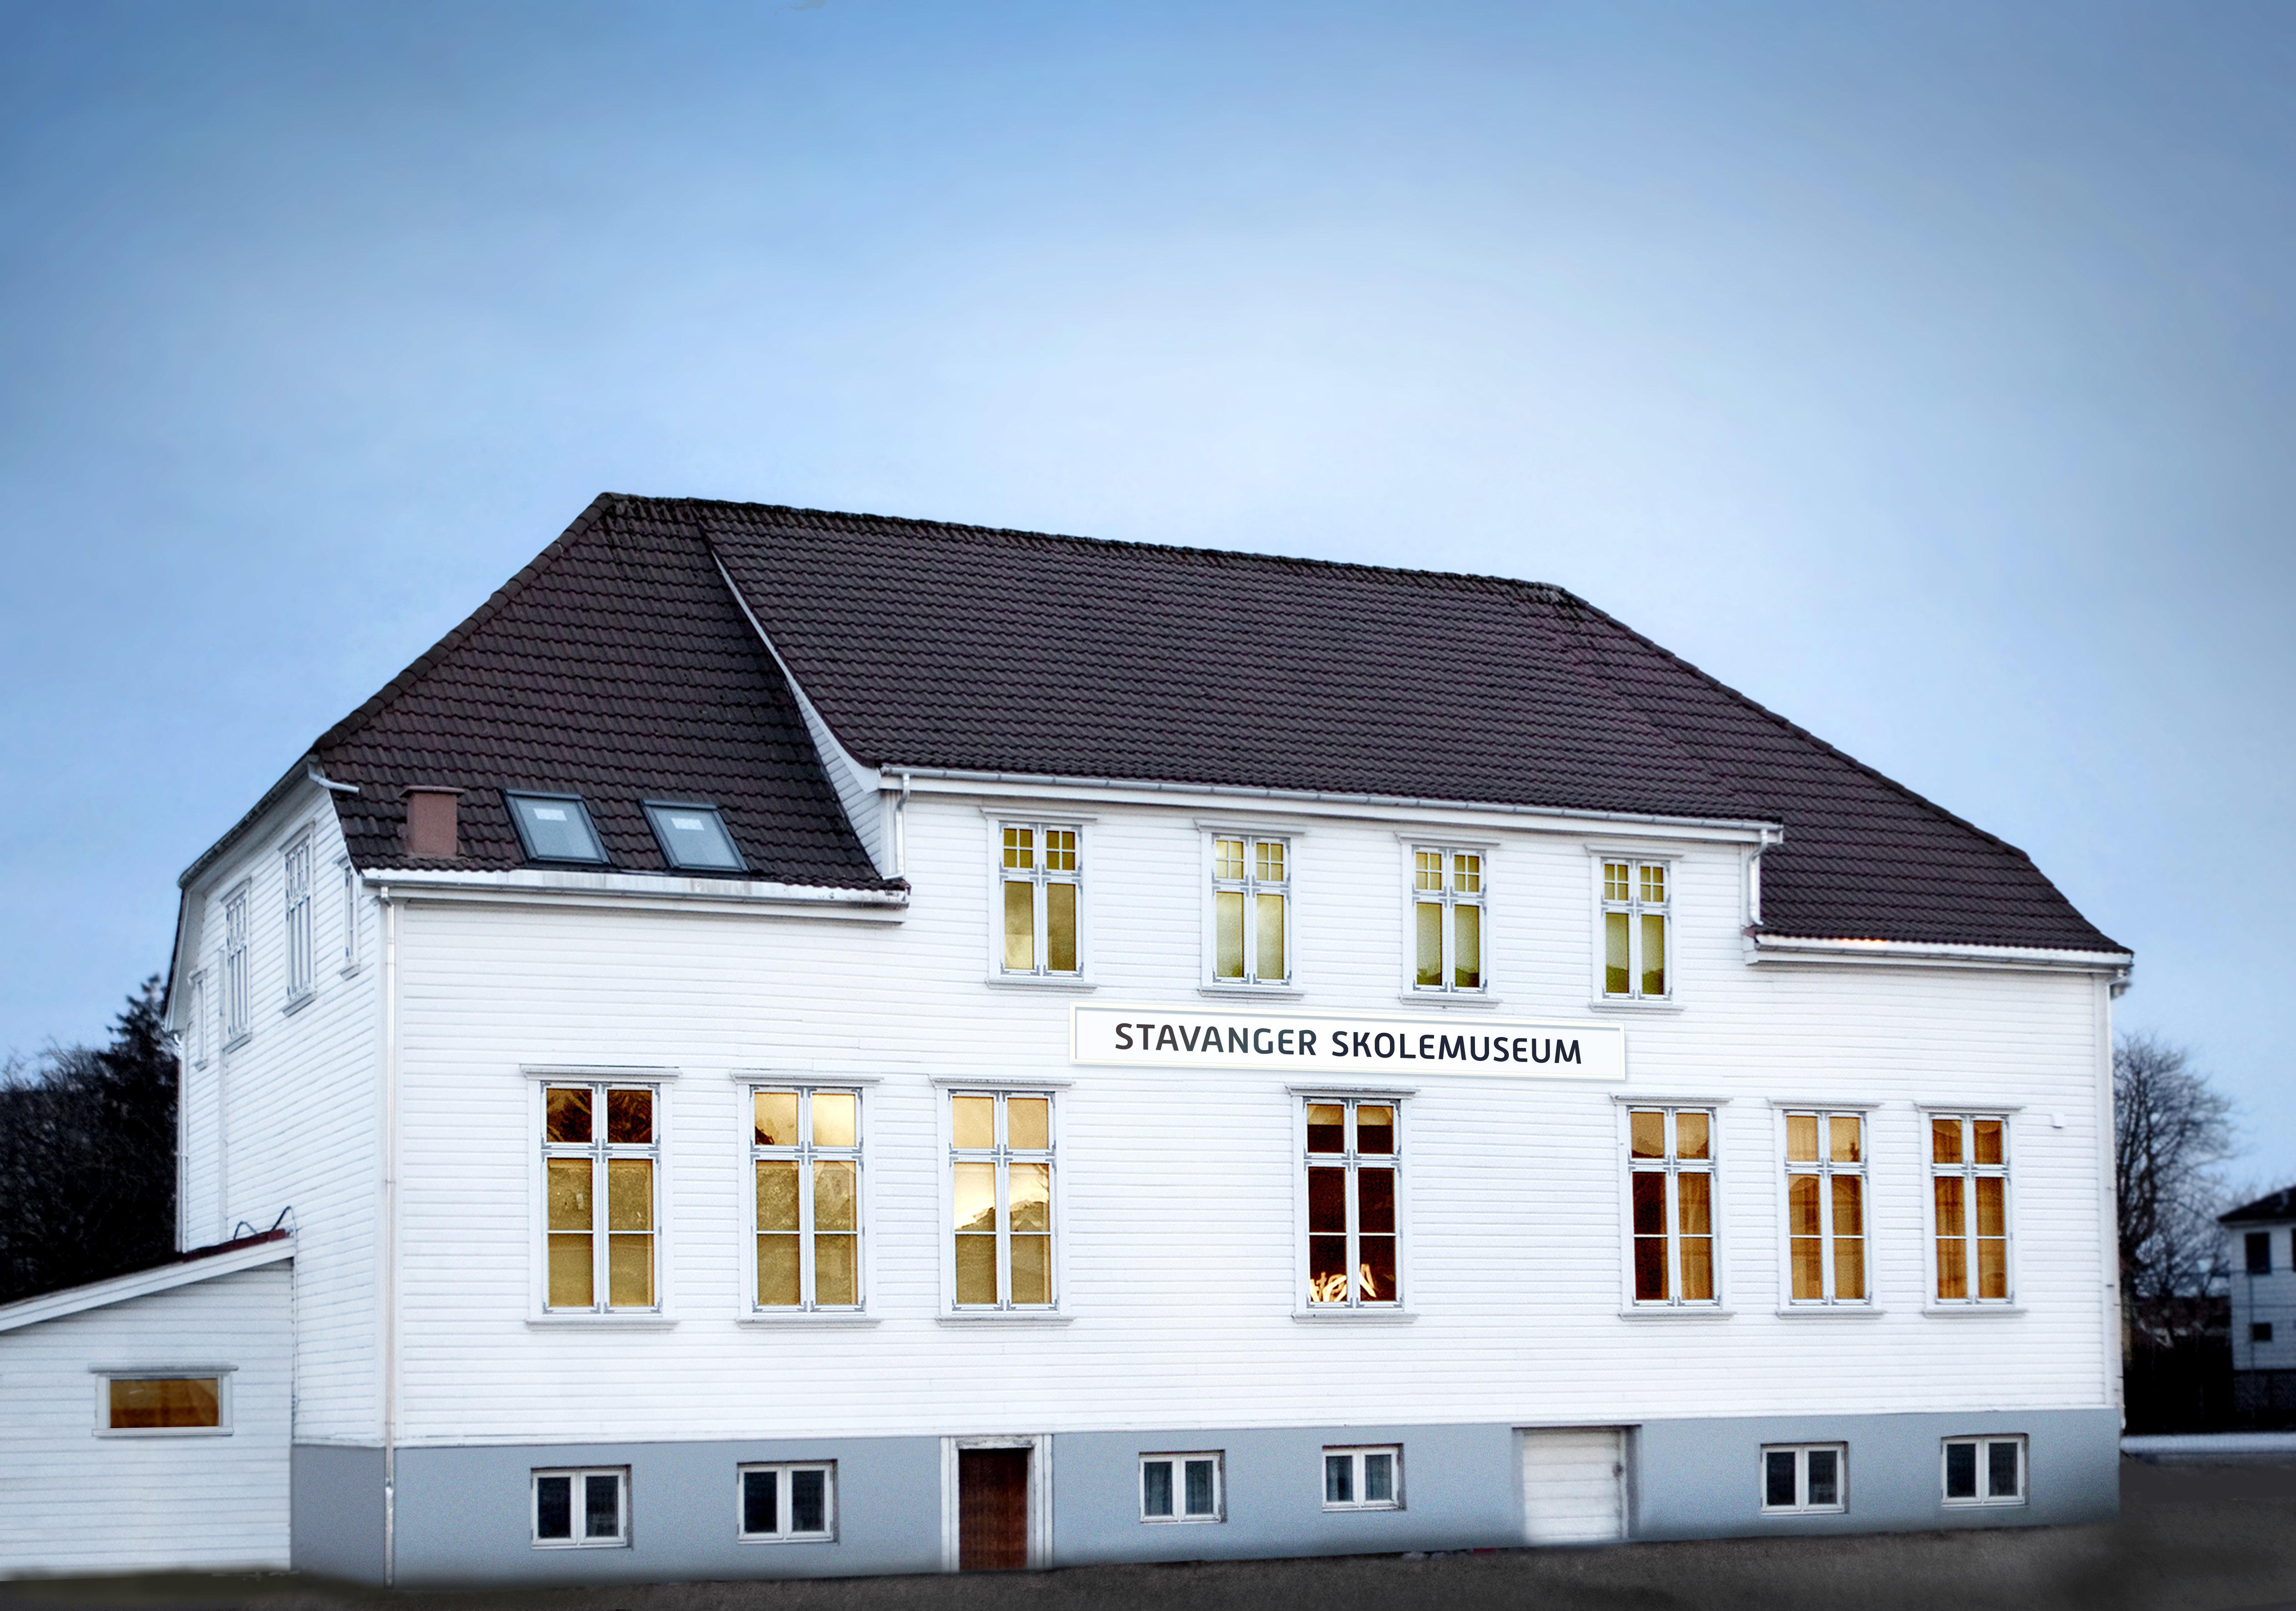 stavanger-skolemuseum-copy.jpg#asset:252